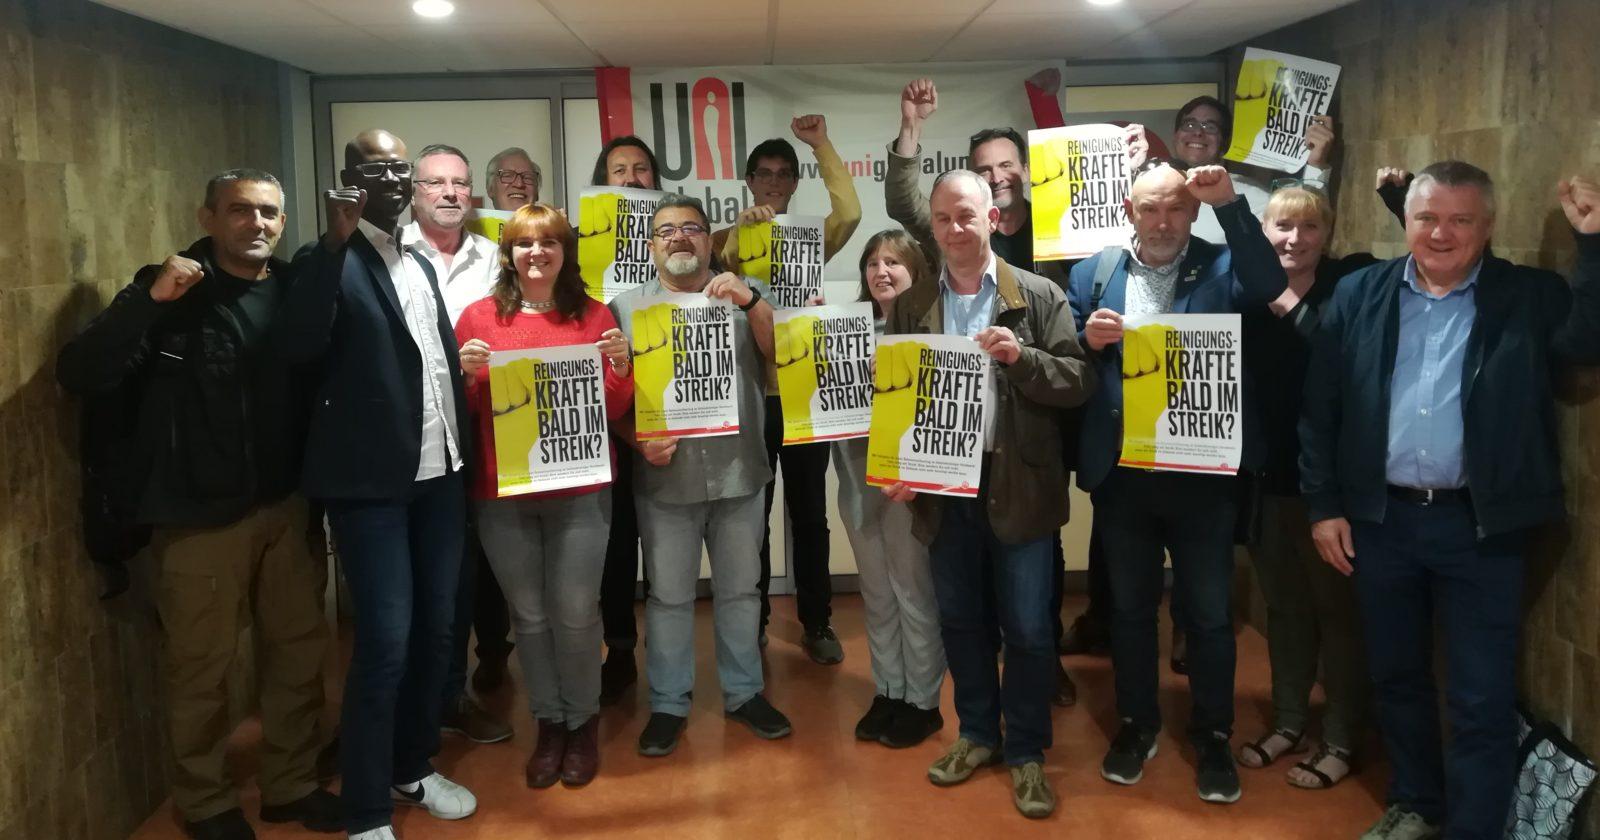 Internationale Solidarität aus Paris für Beschäftigte der Gebäudereinigung in Deutschland